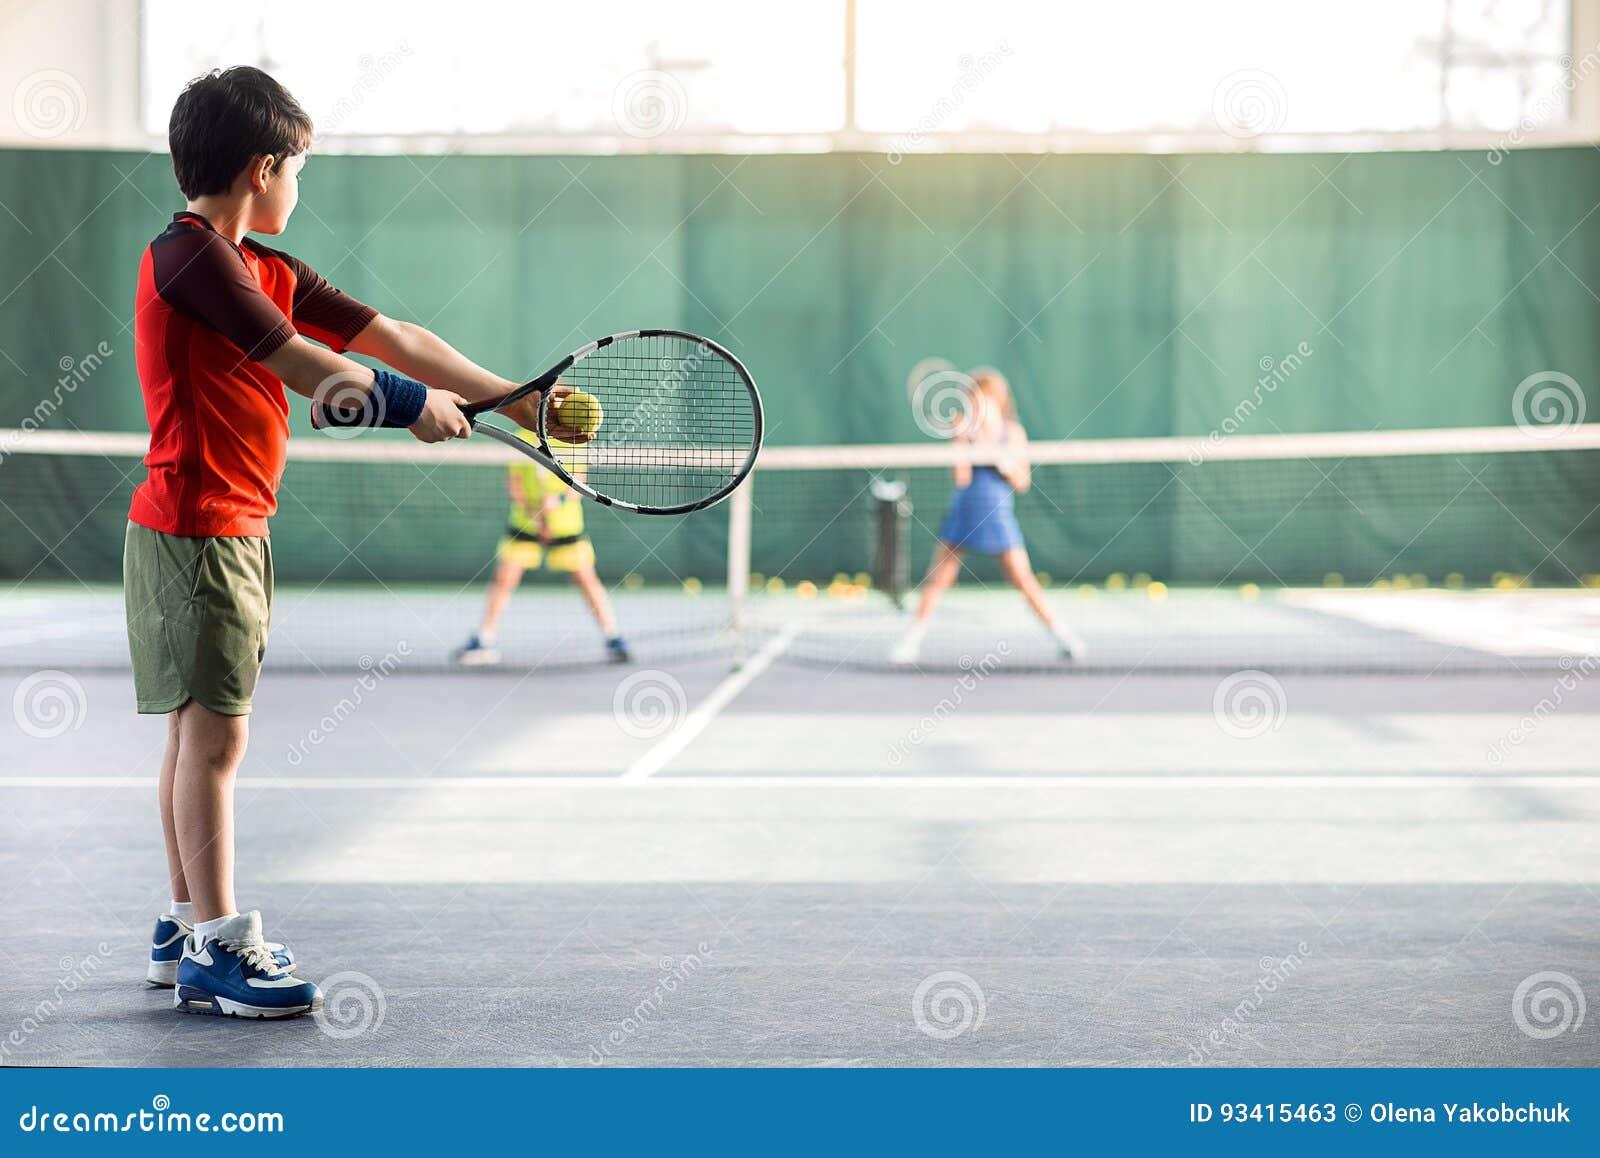 Сконцентрированный теннисный мяч засмолки мальчика